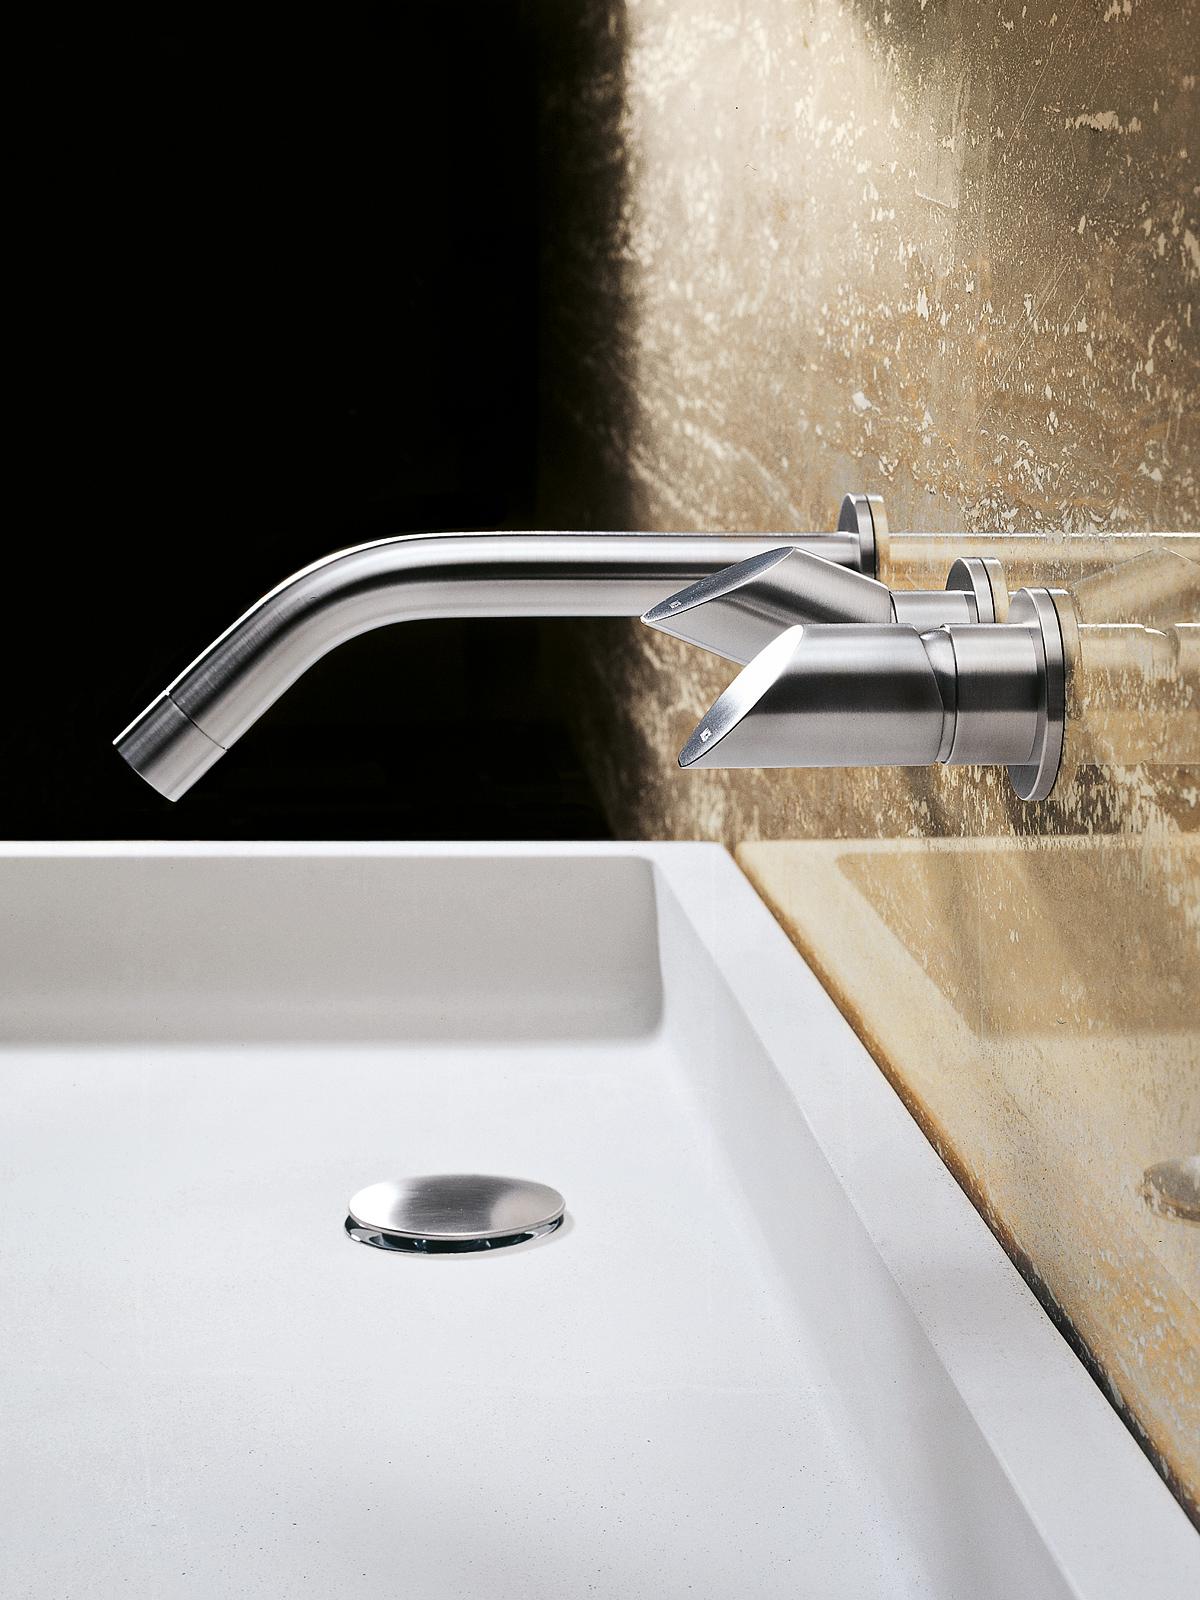 ברז נירוסטה מהקיר ידית מים קרים ידית מים חמים, מט